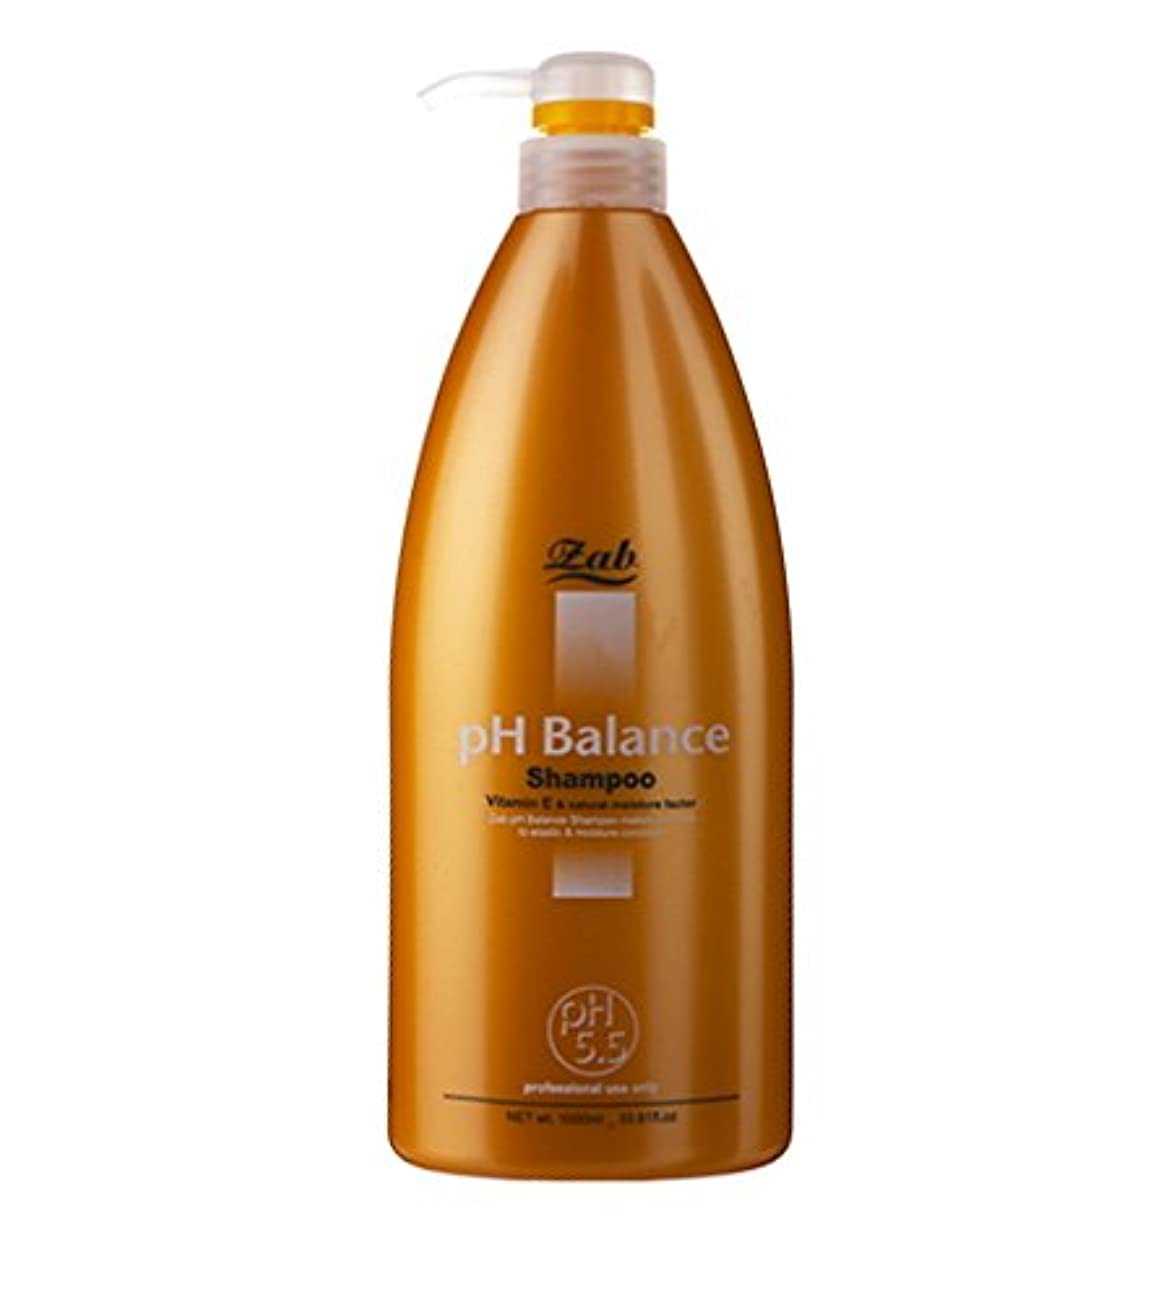 高音マナー旅客[MONALIZA/モナリザ] zab PH Balance Shampoo 1000ml/ジャブPHバランスシャンプー(海外直送品)